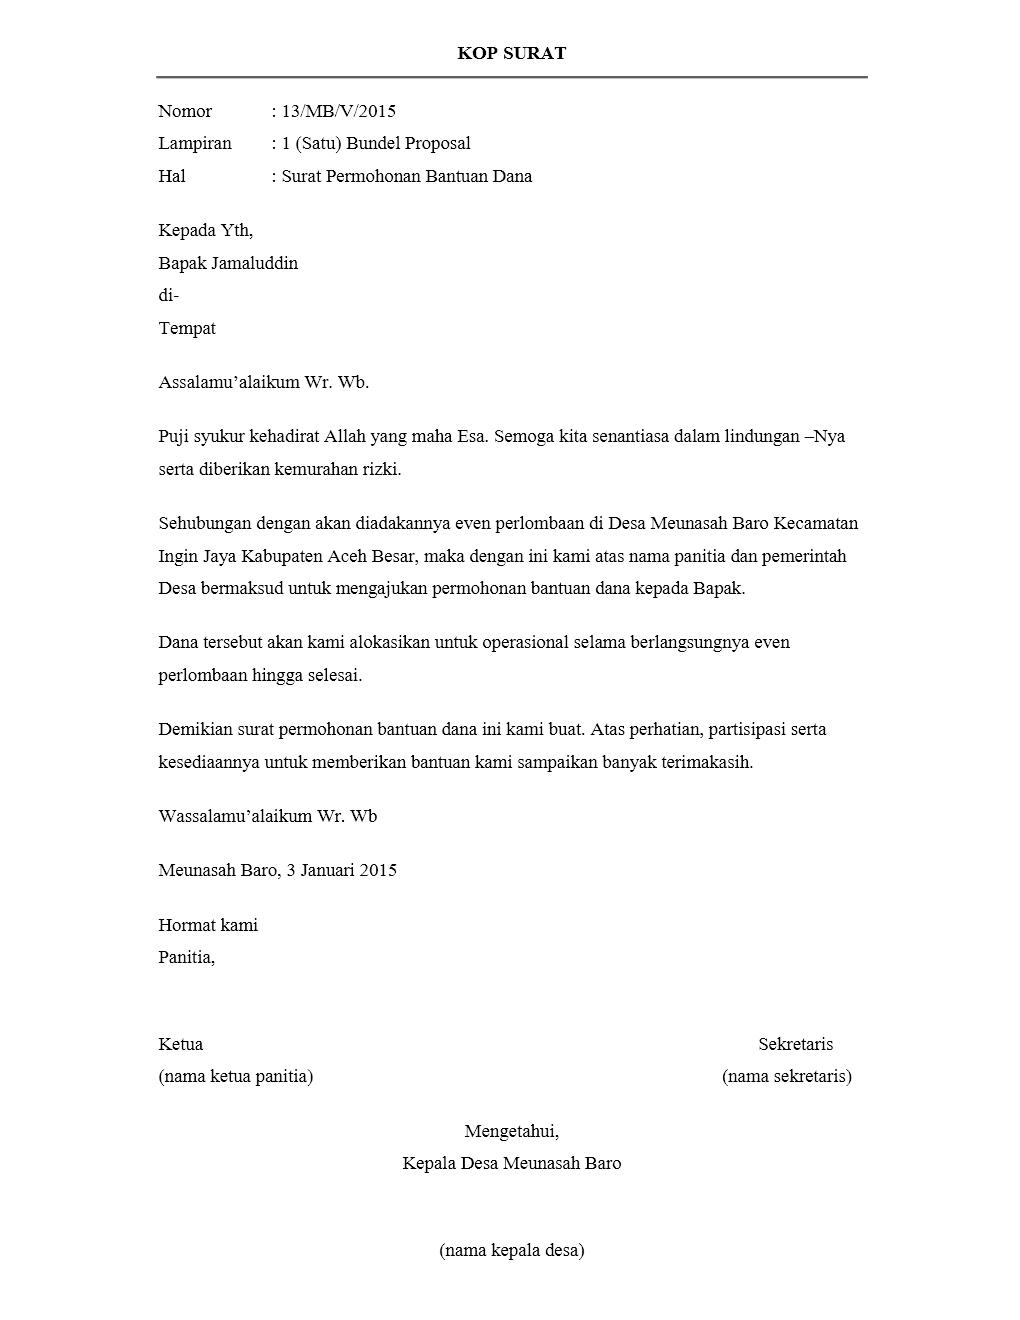 Contoh Surat Pengantar Proposal Yang Resmi dan Benar ...